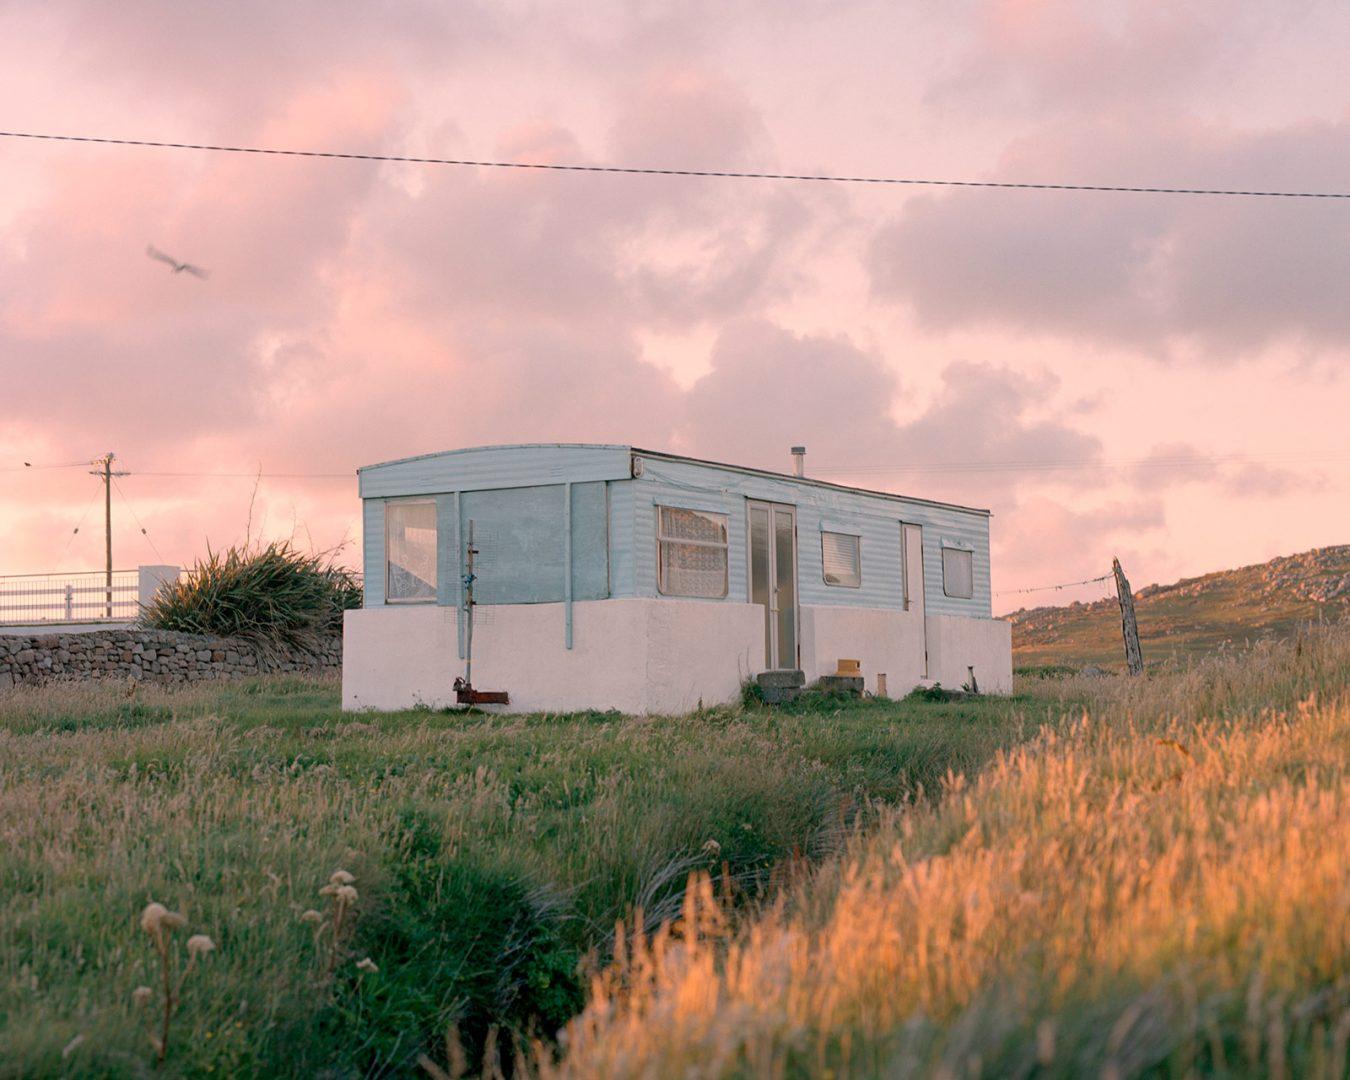 Le storie nelle fotografie di Cian Oba-Smith